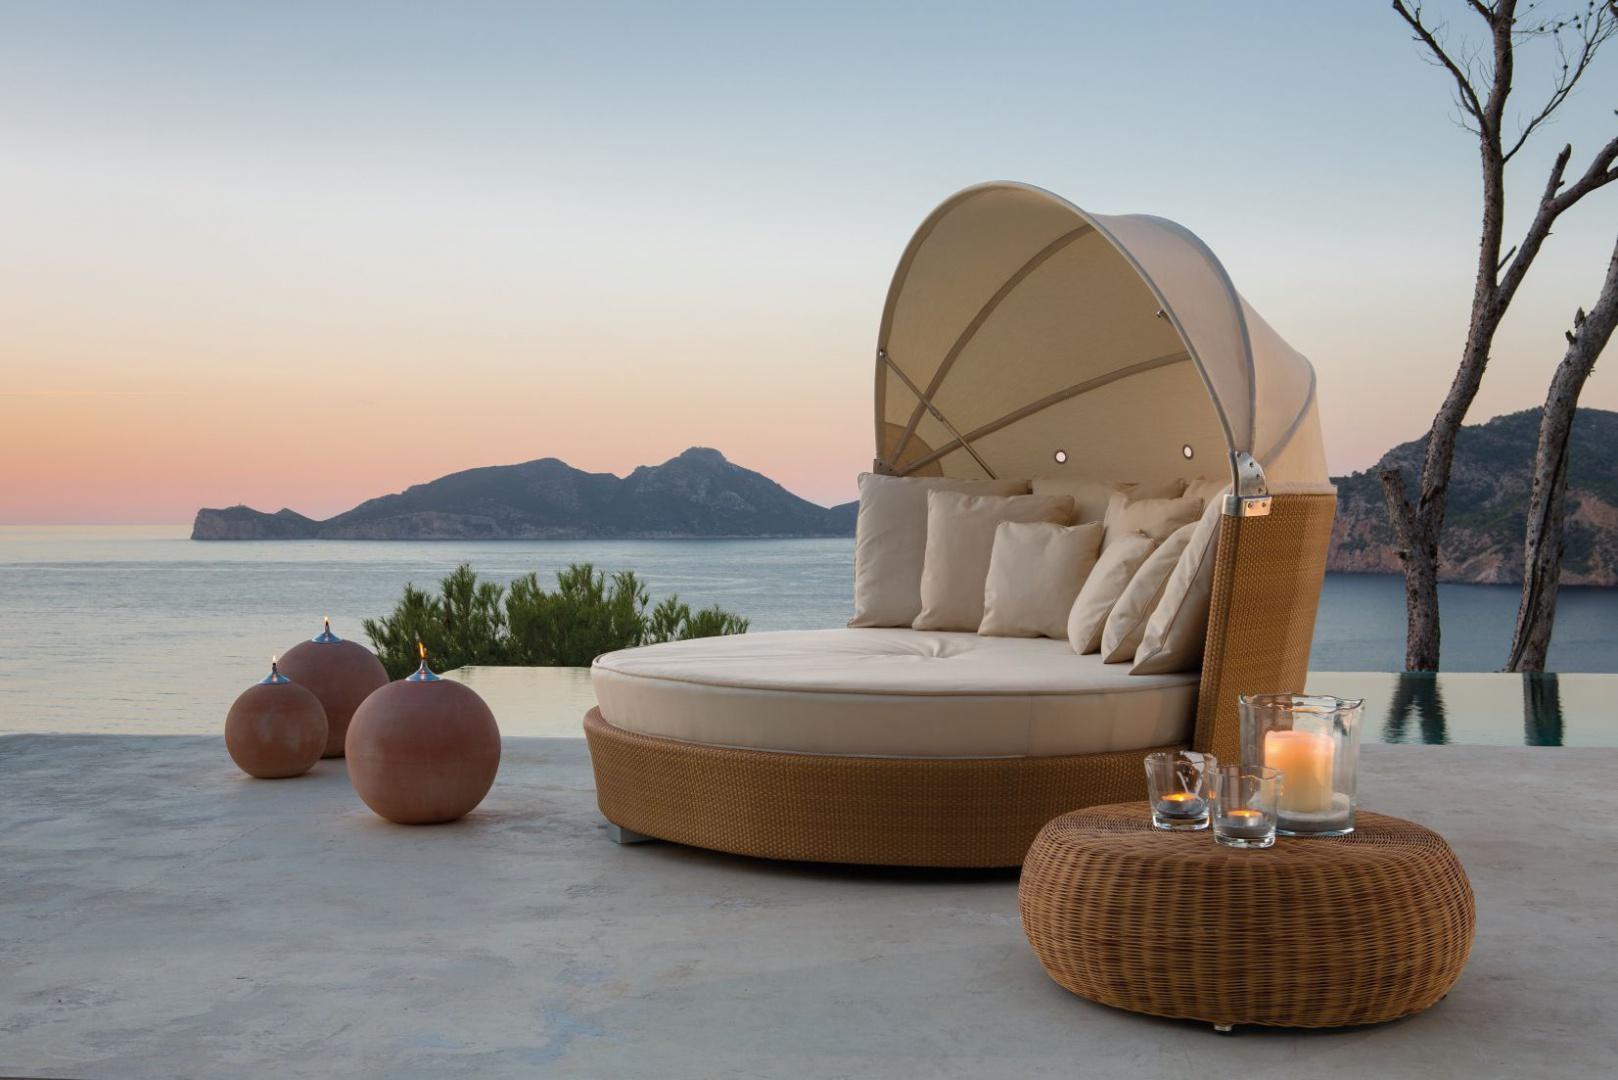 Podwójne okrągłe łoże ogrodowe Romantic marki Point ze składanym daszkiem. Fot. Point.